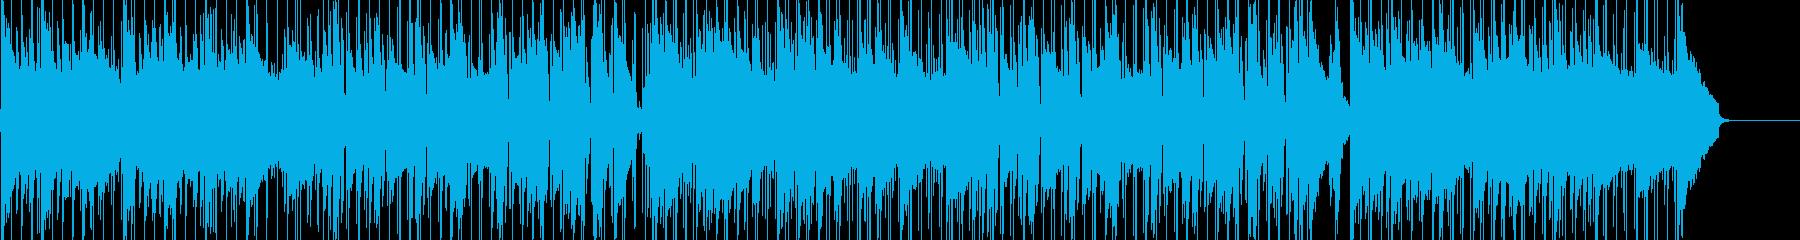 ギターのシンプルなショッピングBGMの再生済みの波形